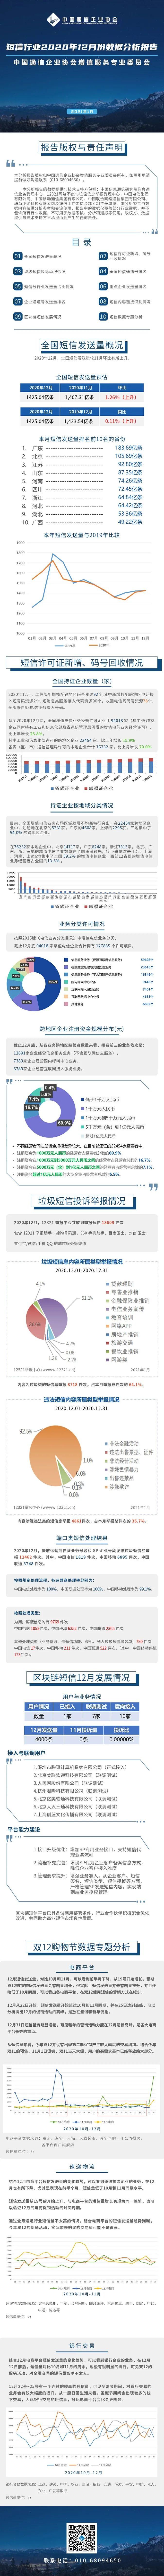 短信行业12月份数据分析报告(测试版)部分内容